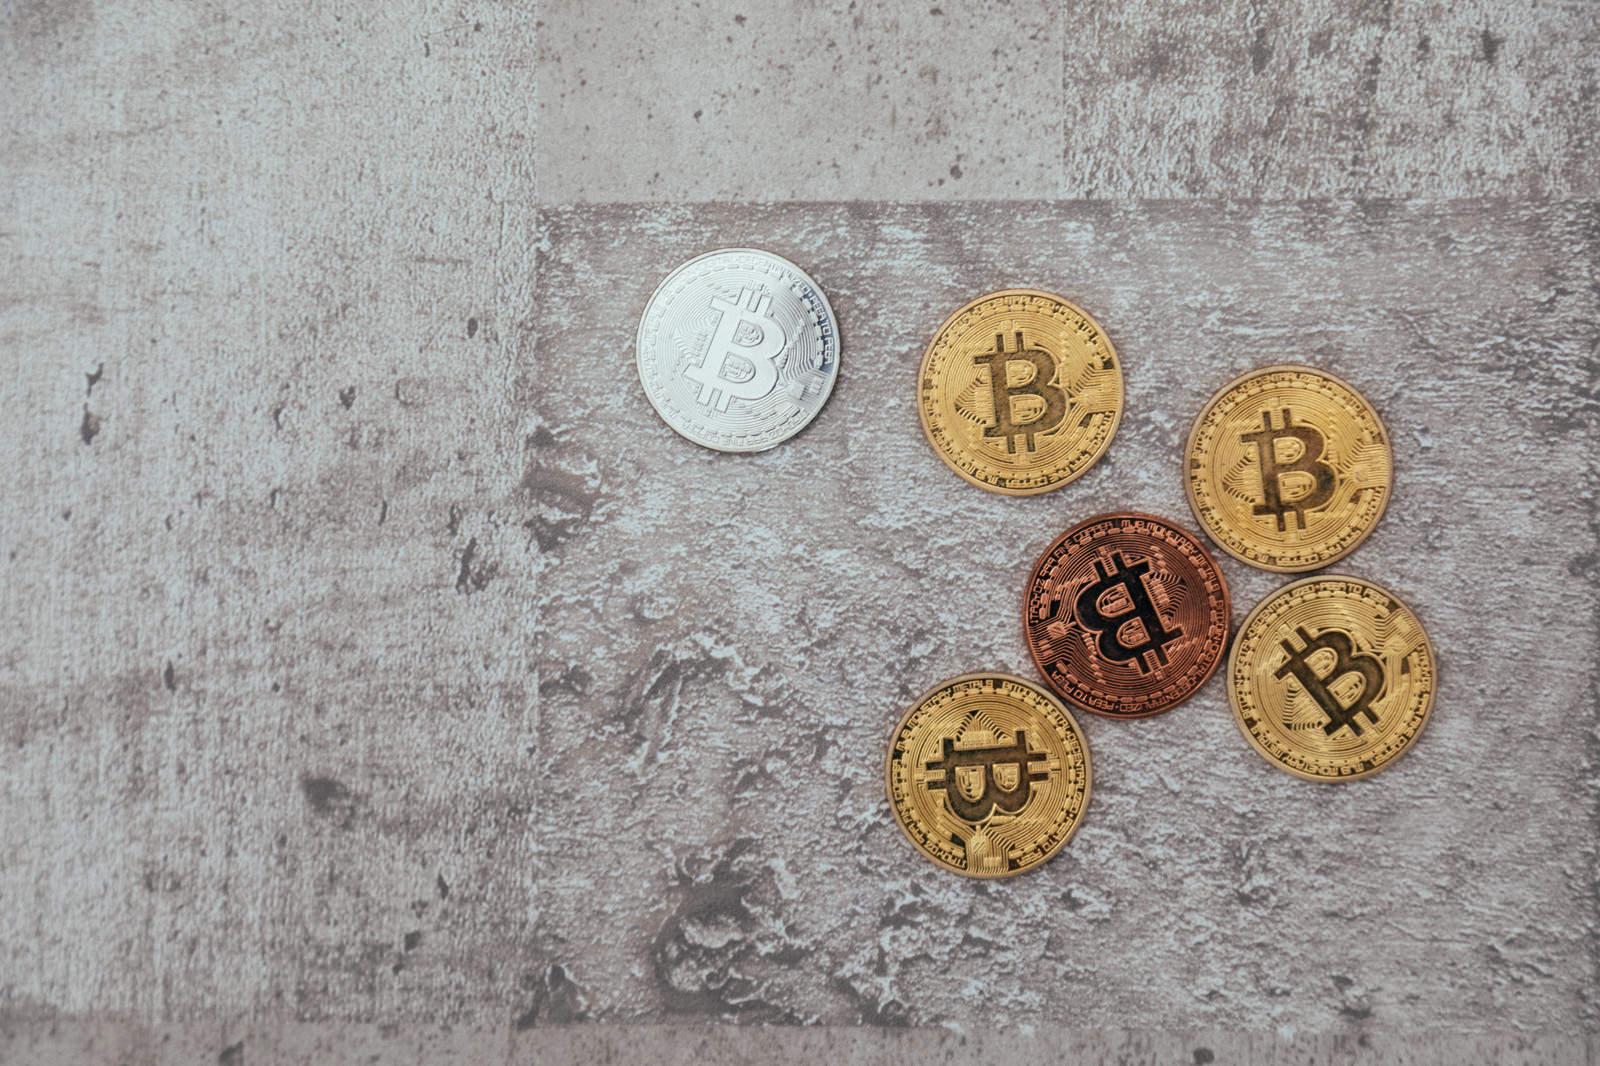 「色の違うビットコイン」の写真